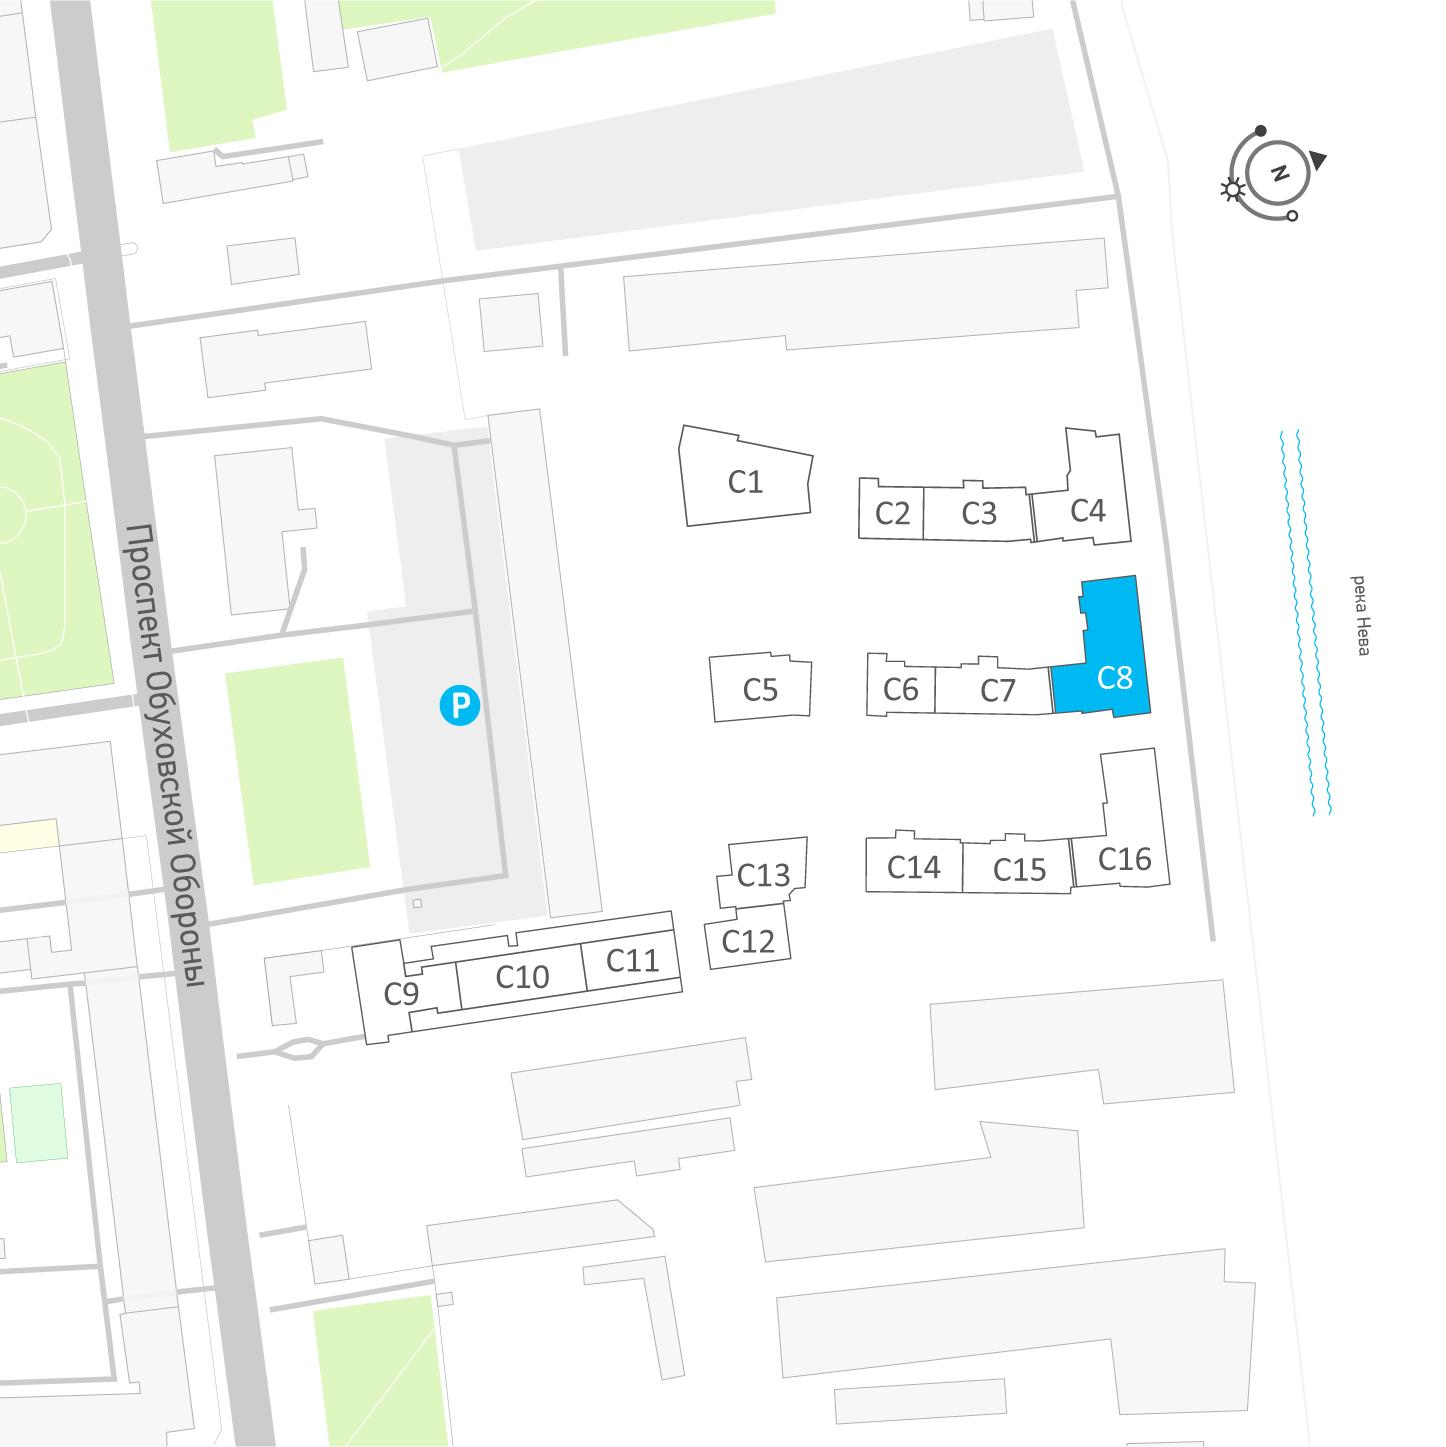 планировка двухкомнатной квартиры в ЖК «Эталон на Неве» №594